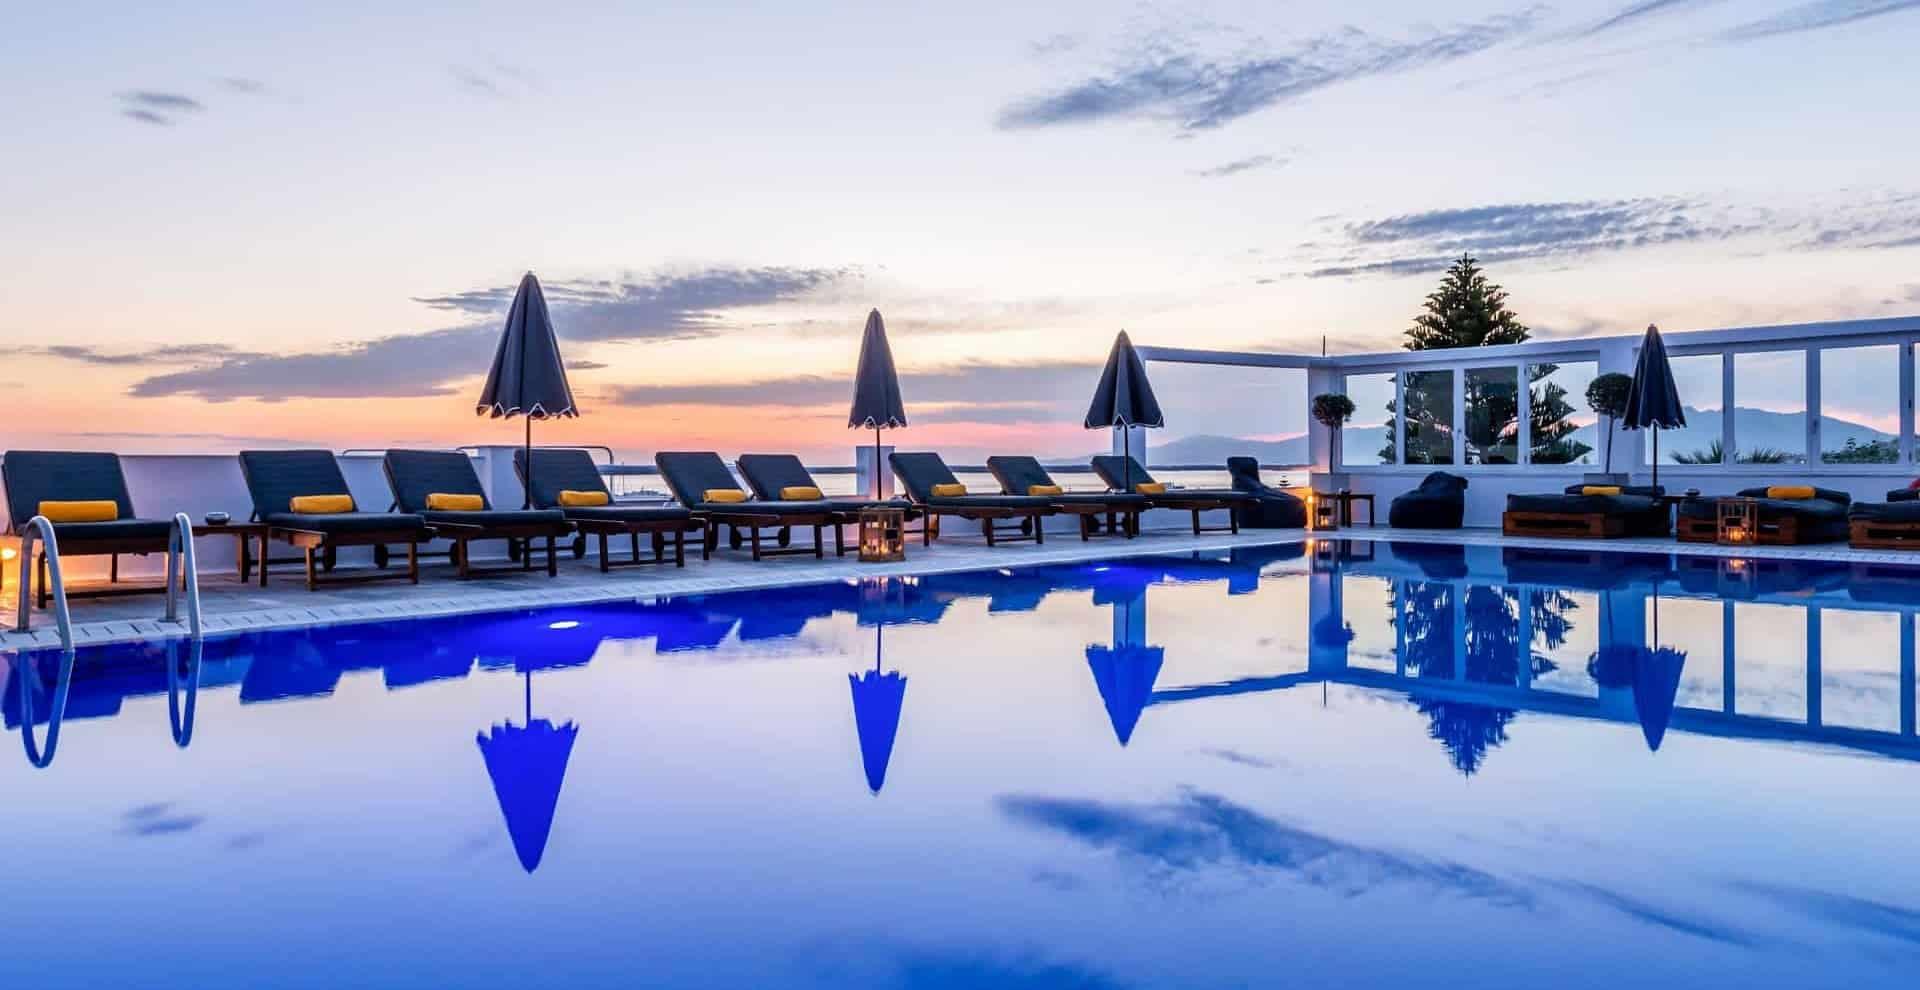 Rochari Hotel's Swimming Pool at sunset hour